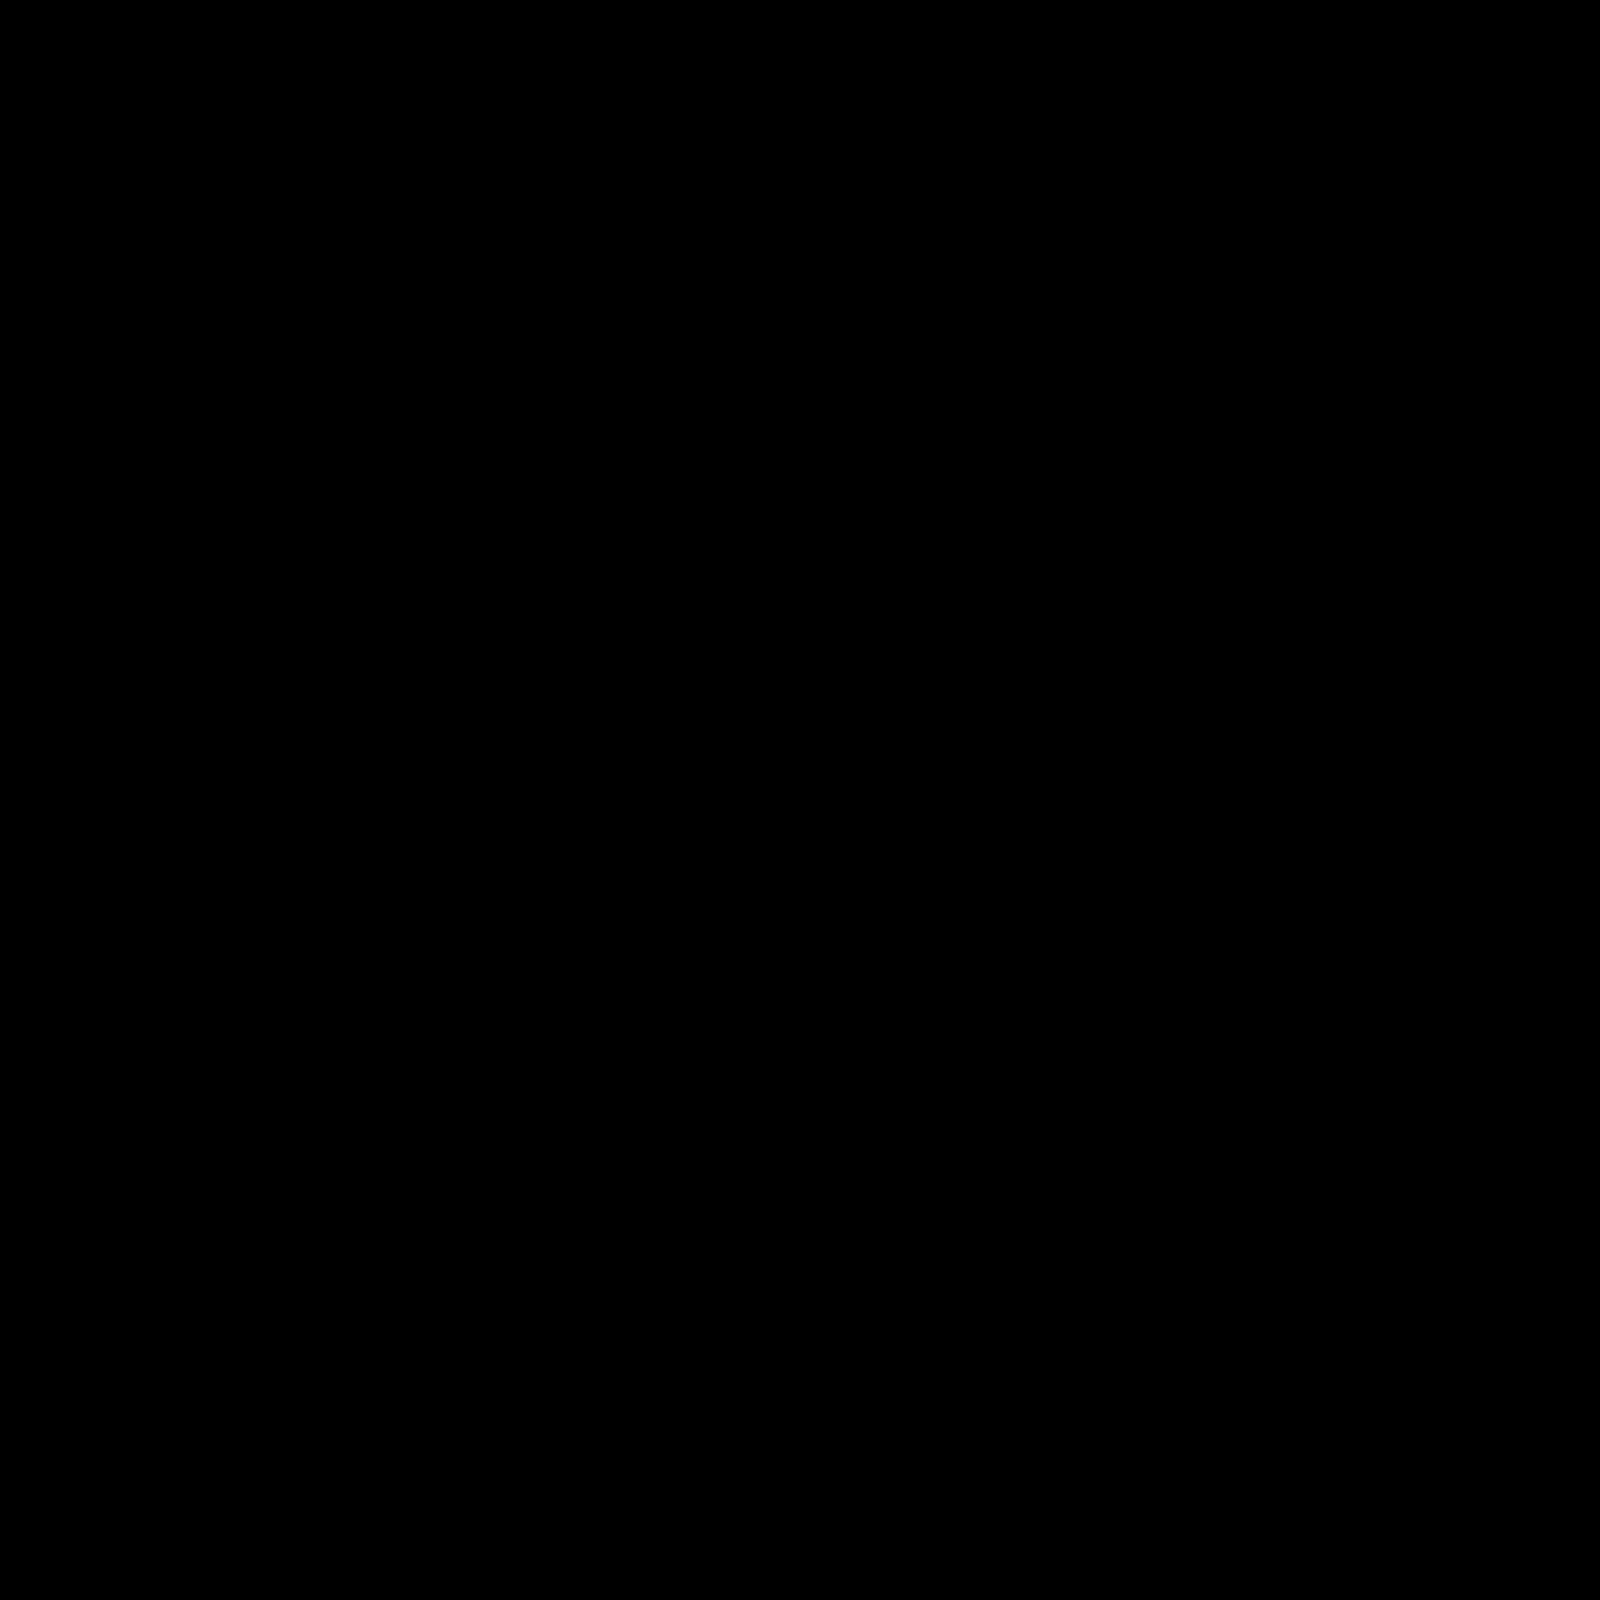 Табло icon